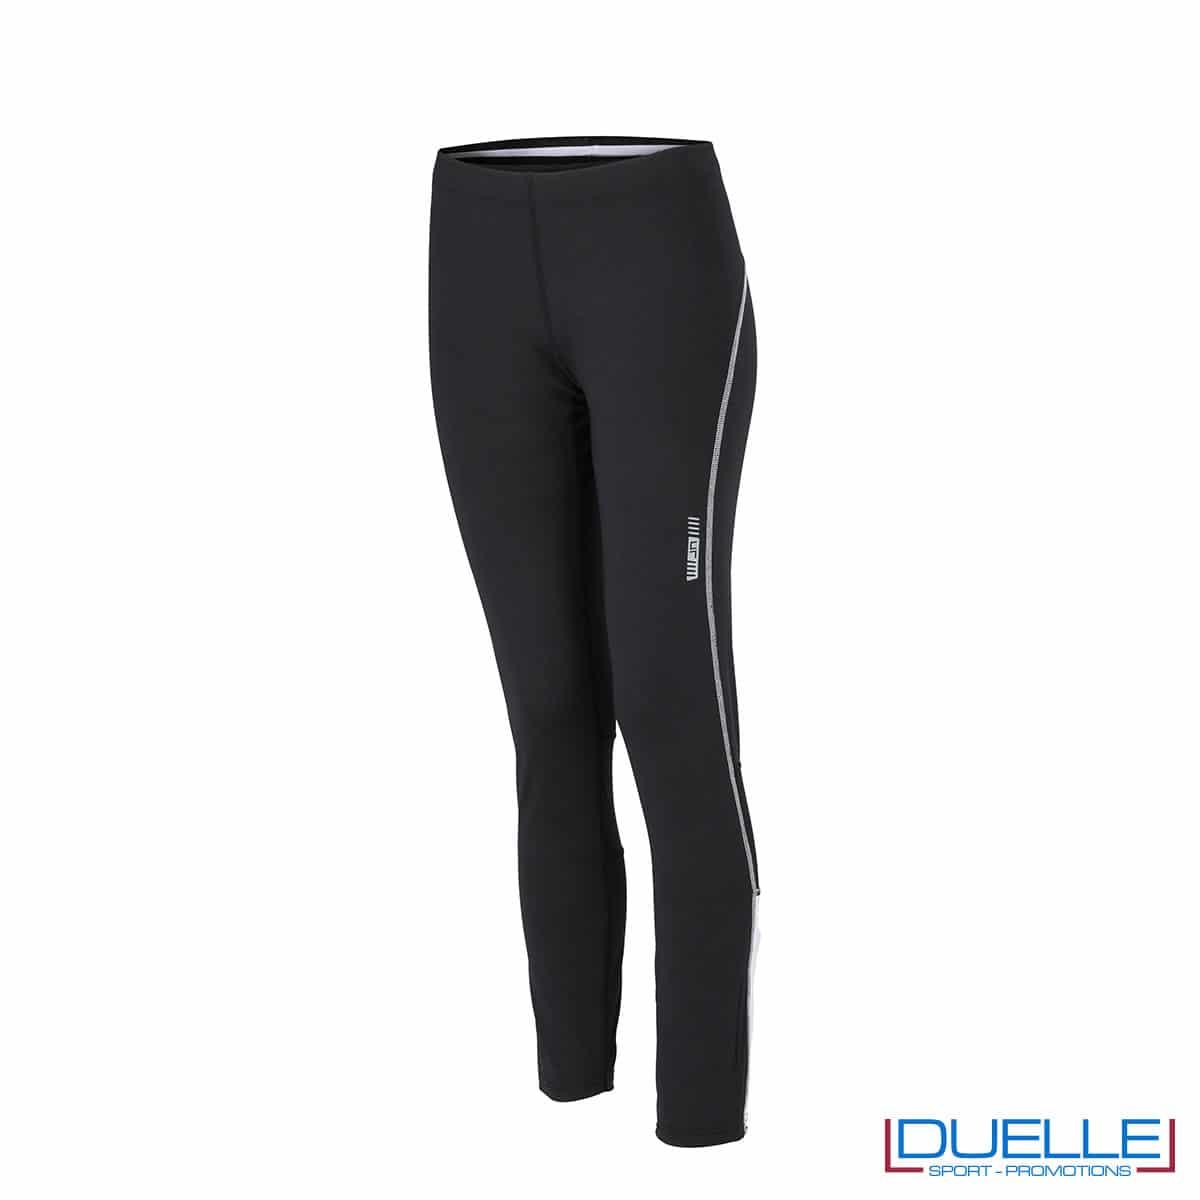 Pantaloni corsa donna nero/bianco personalizzati